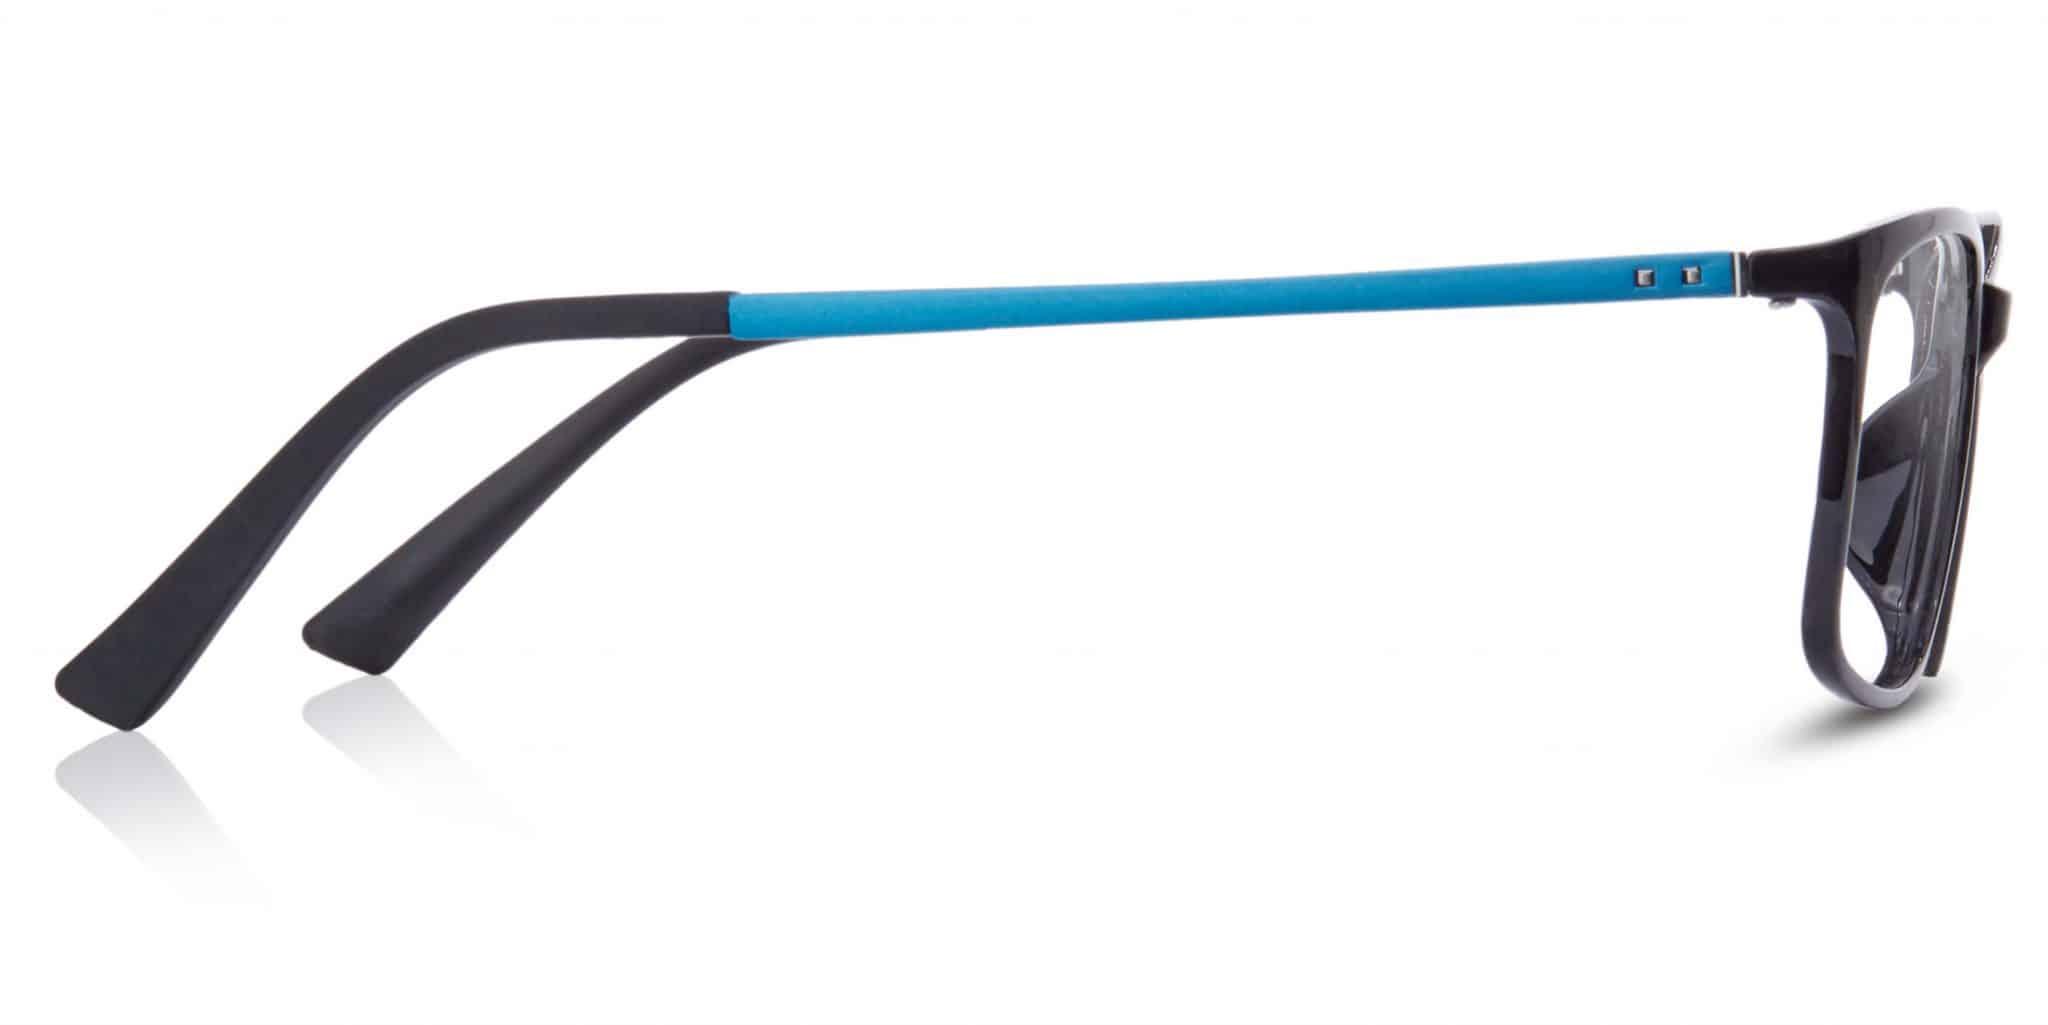 פלסטיק שחור עם מוטות כחולים